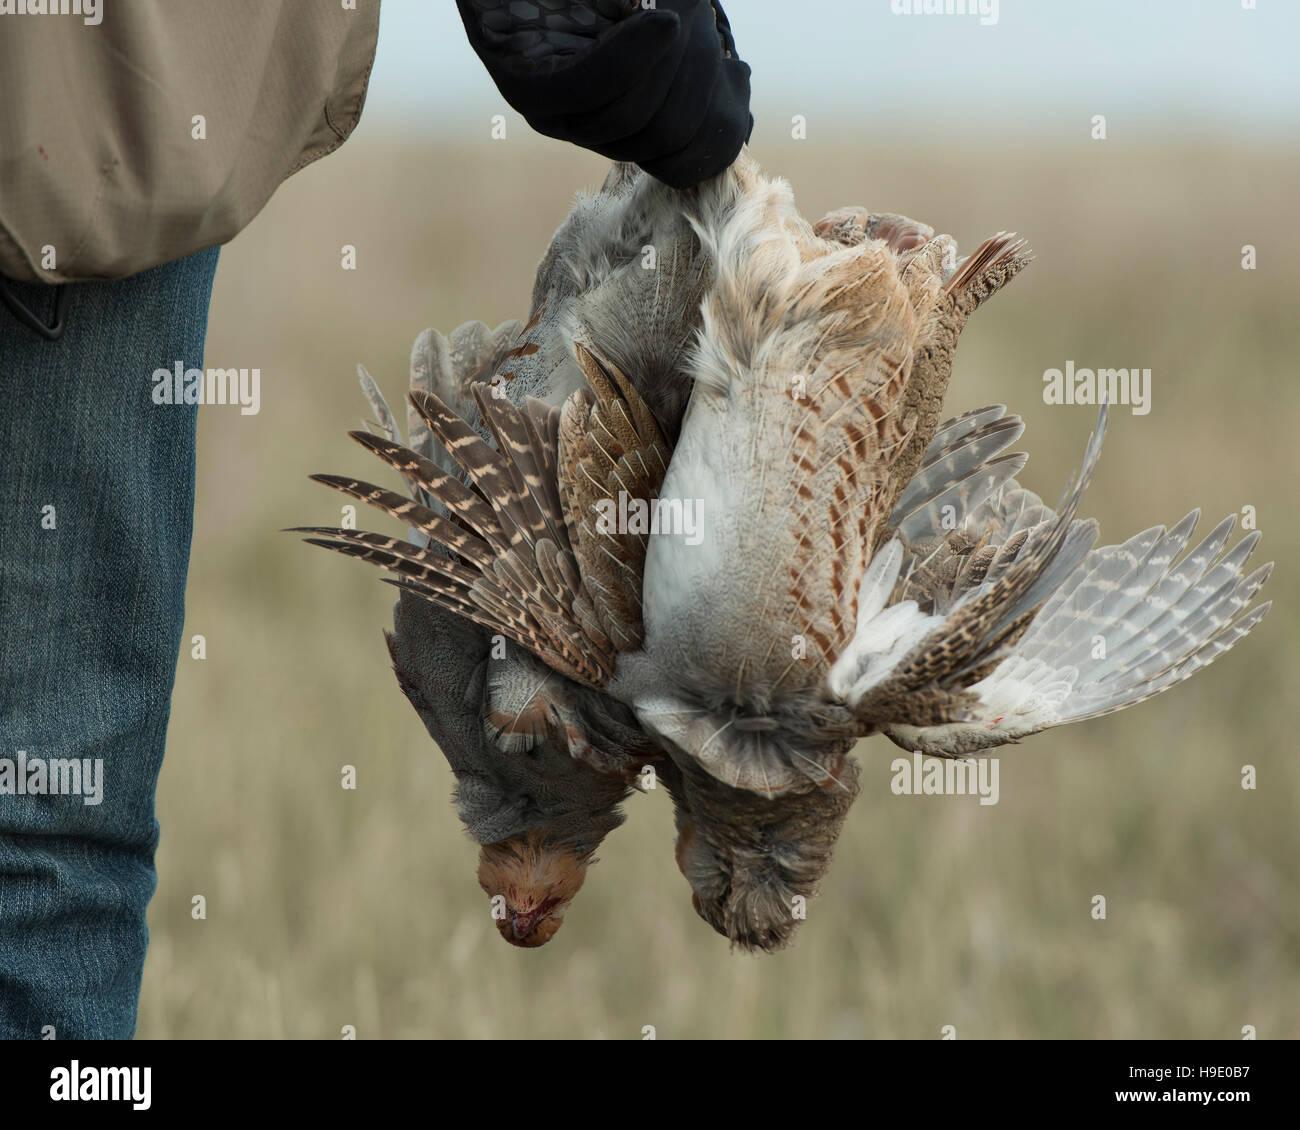 Dead Partridge Stock Photos & Dead Partridge Stock Images